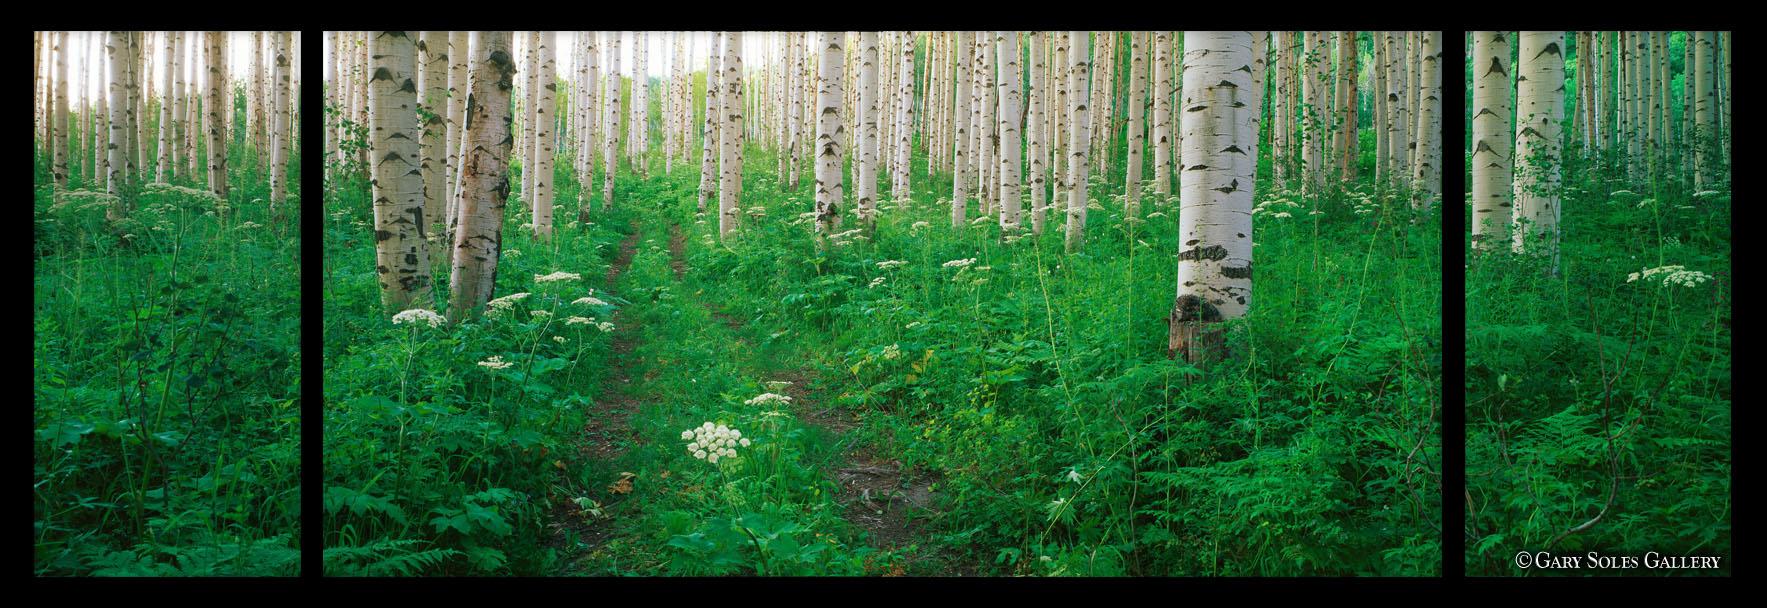 Summer Aspen Forest